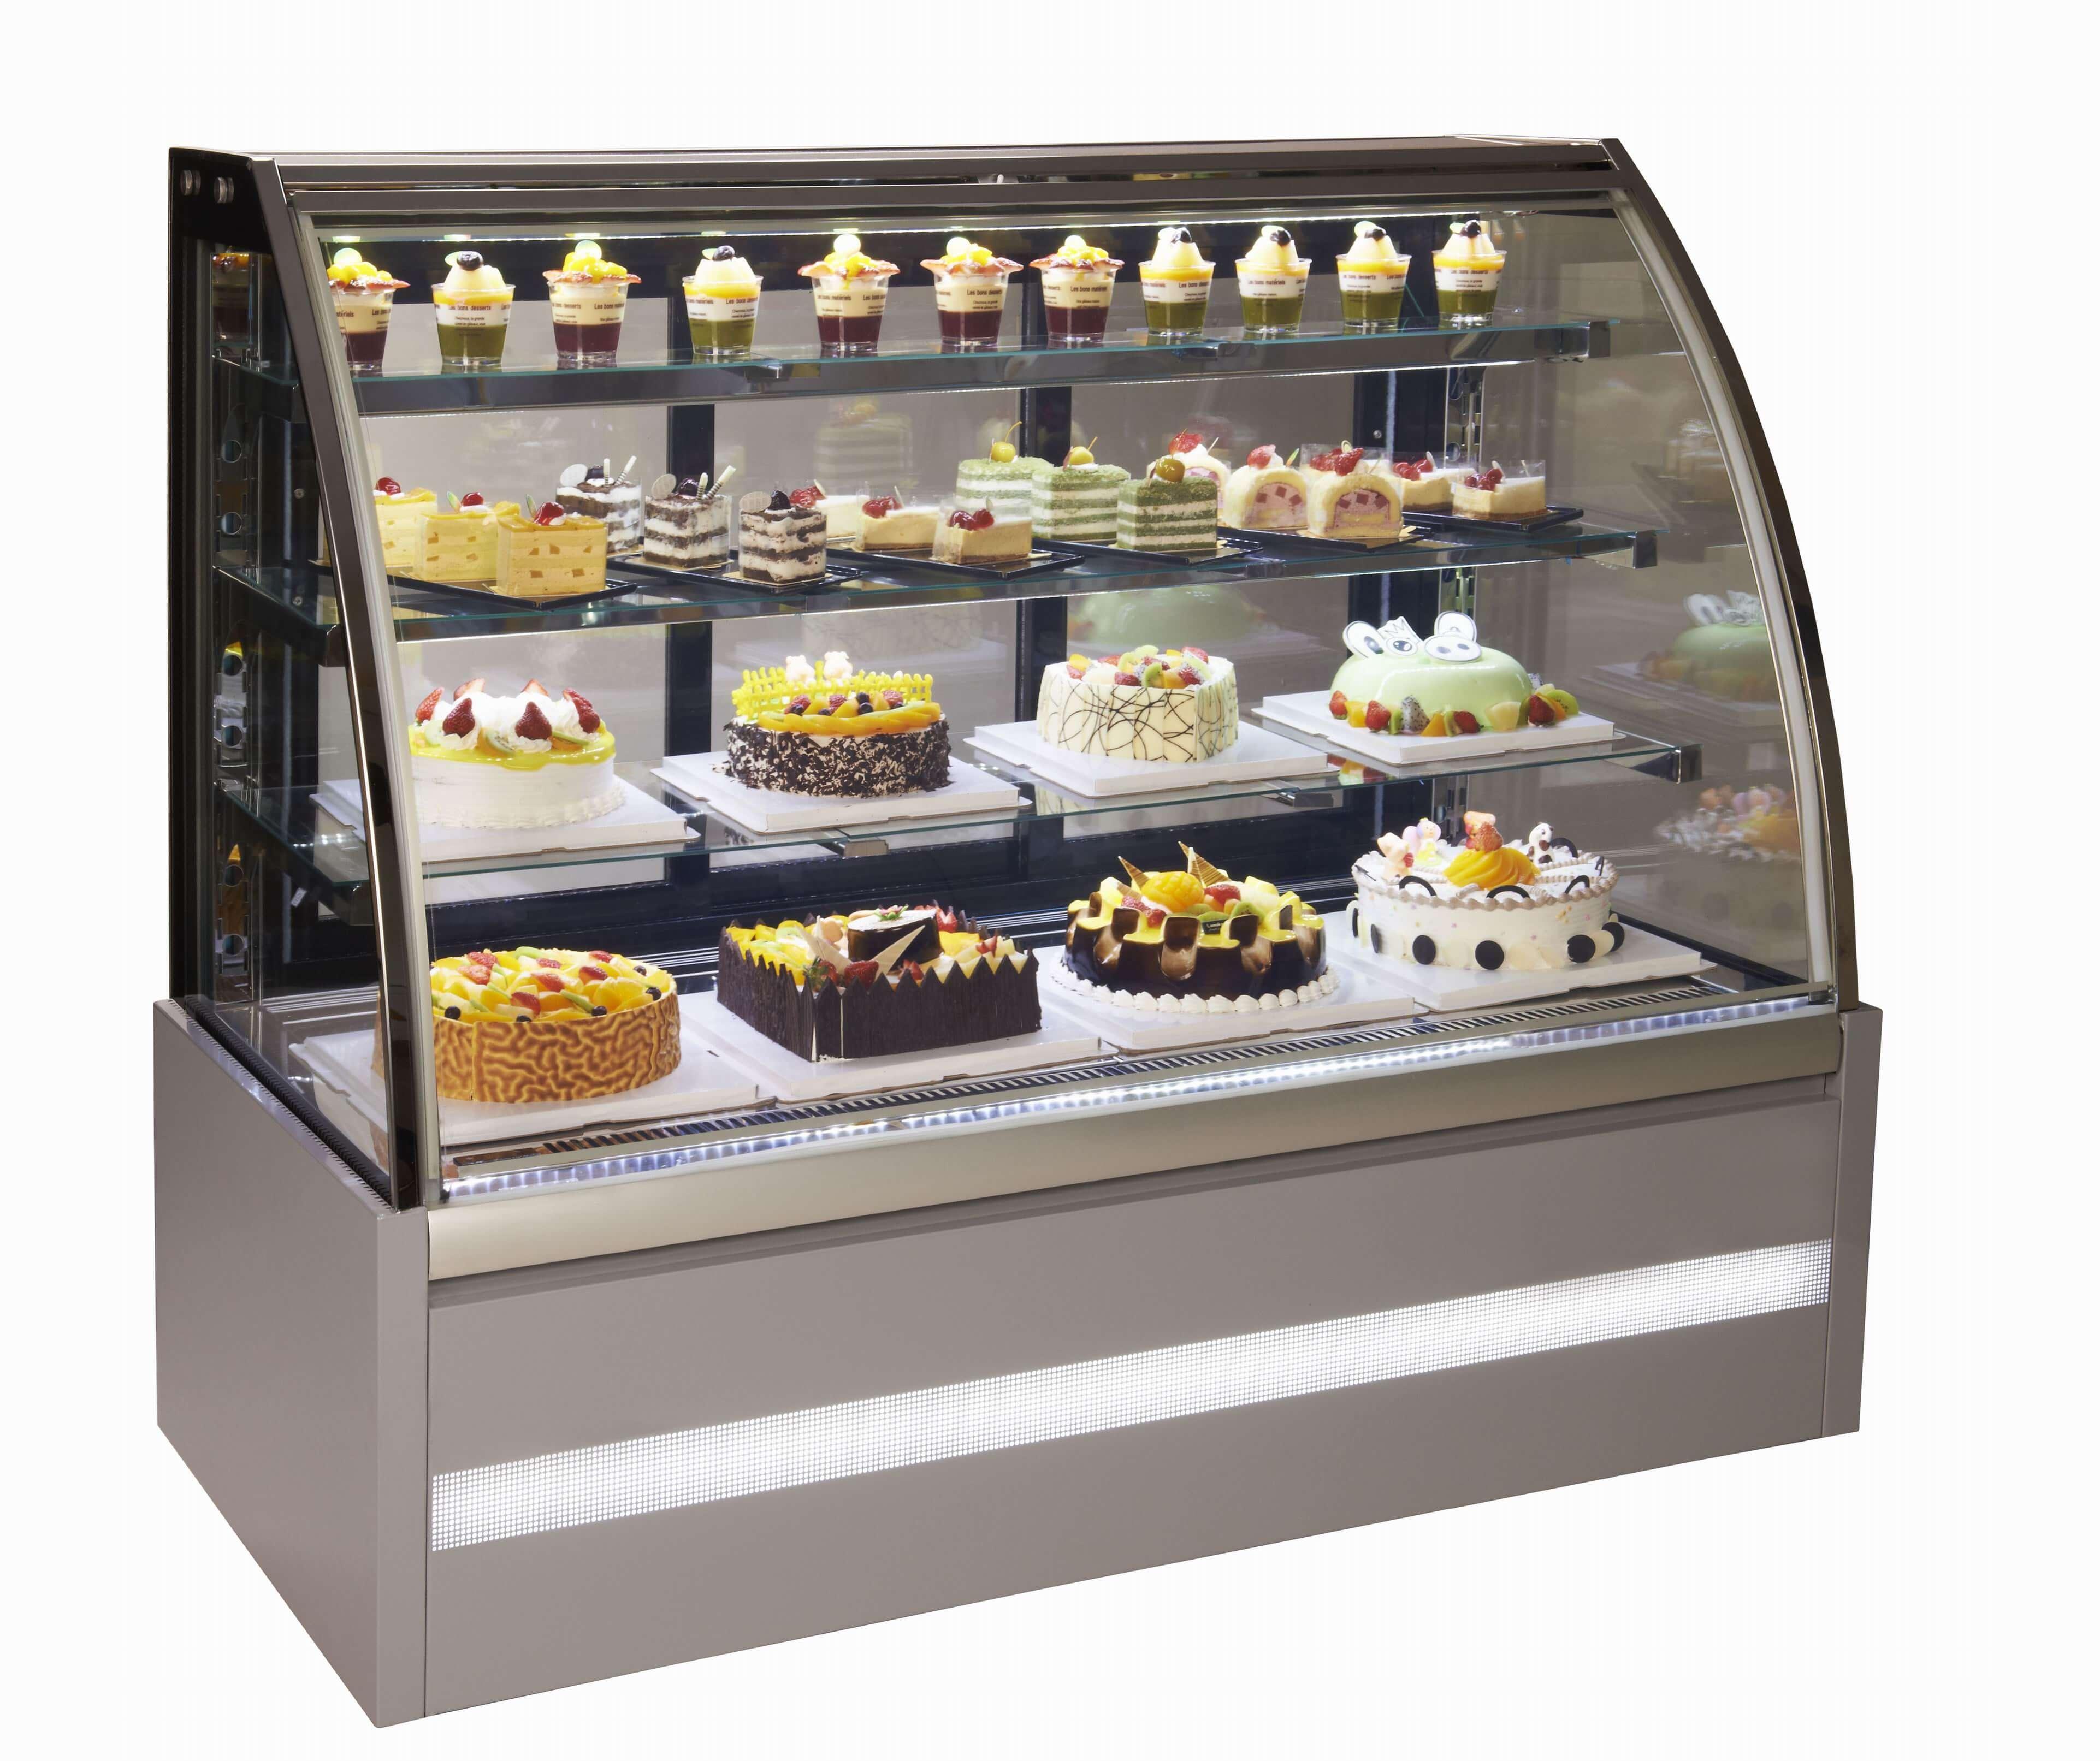 מקרר תצוגה לעוגות וקינוחים דגם VISION